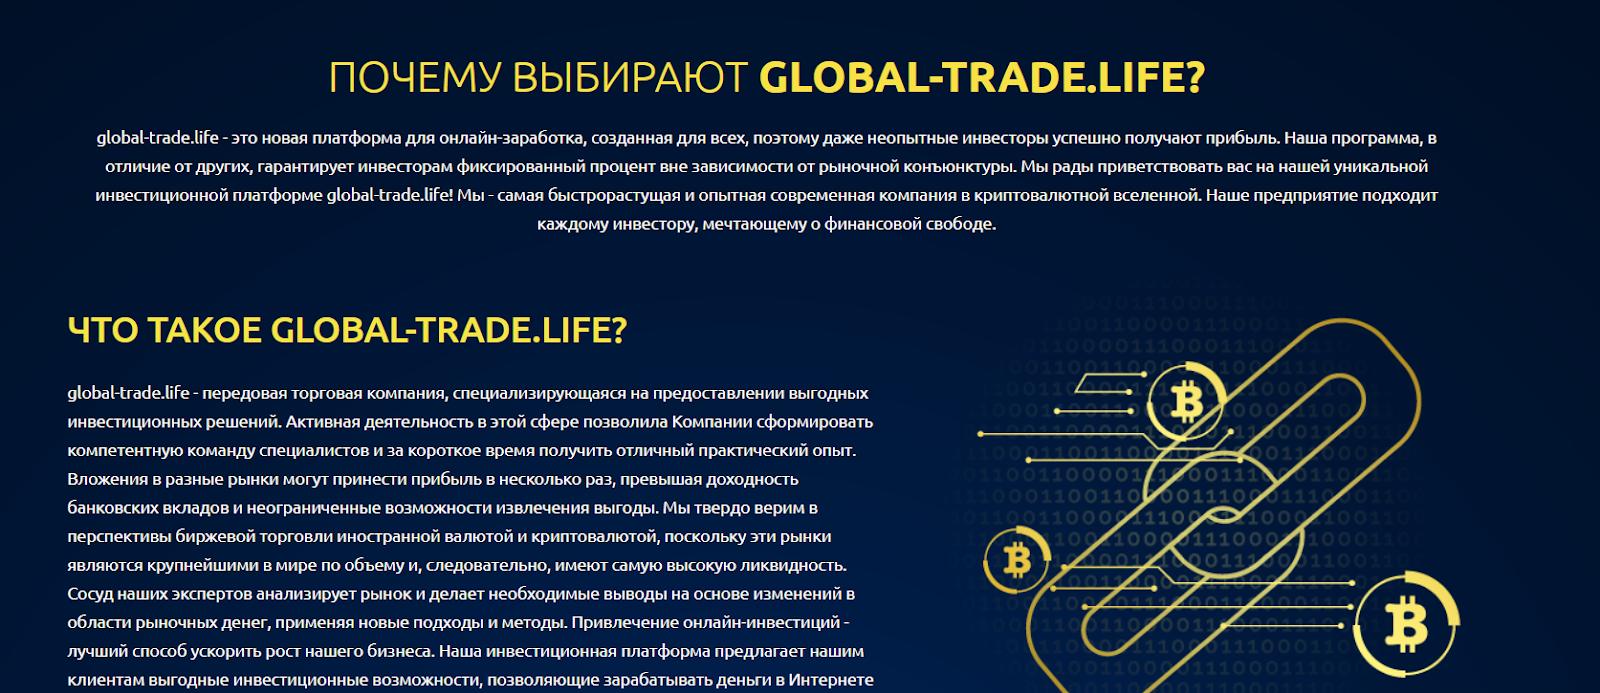 Отзывы о GLOBAL-TRADE.LIFE: чего ждать от инвестиционной платформы? обзор